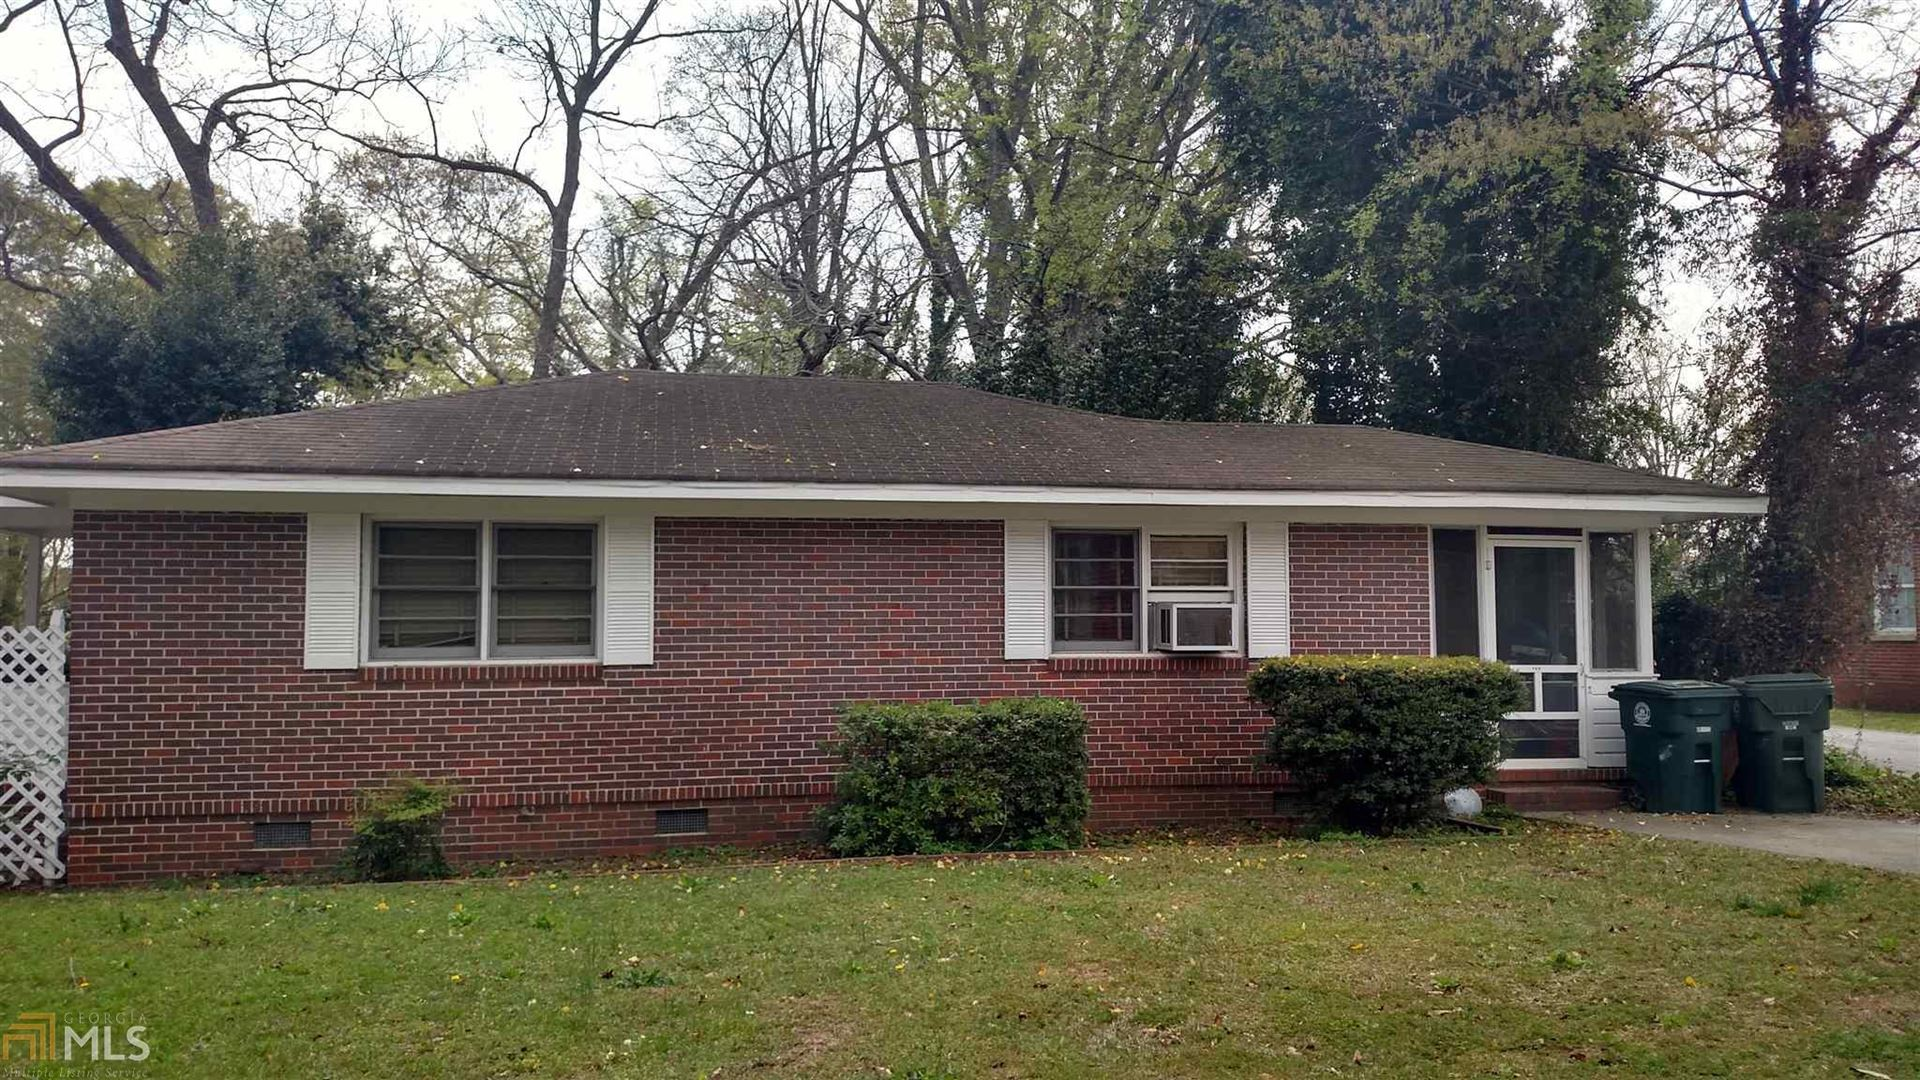 149 Auburn Ave, Macon, GA 31204 - MLS#: 8952556